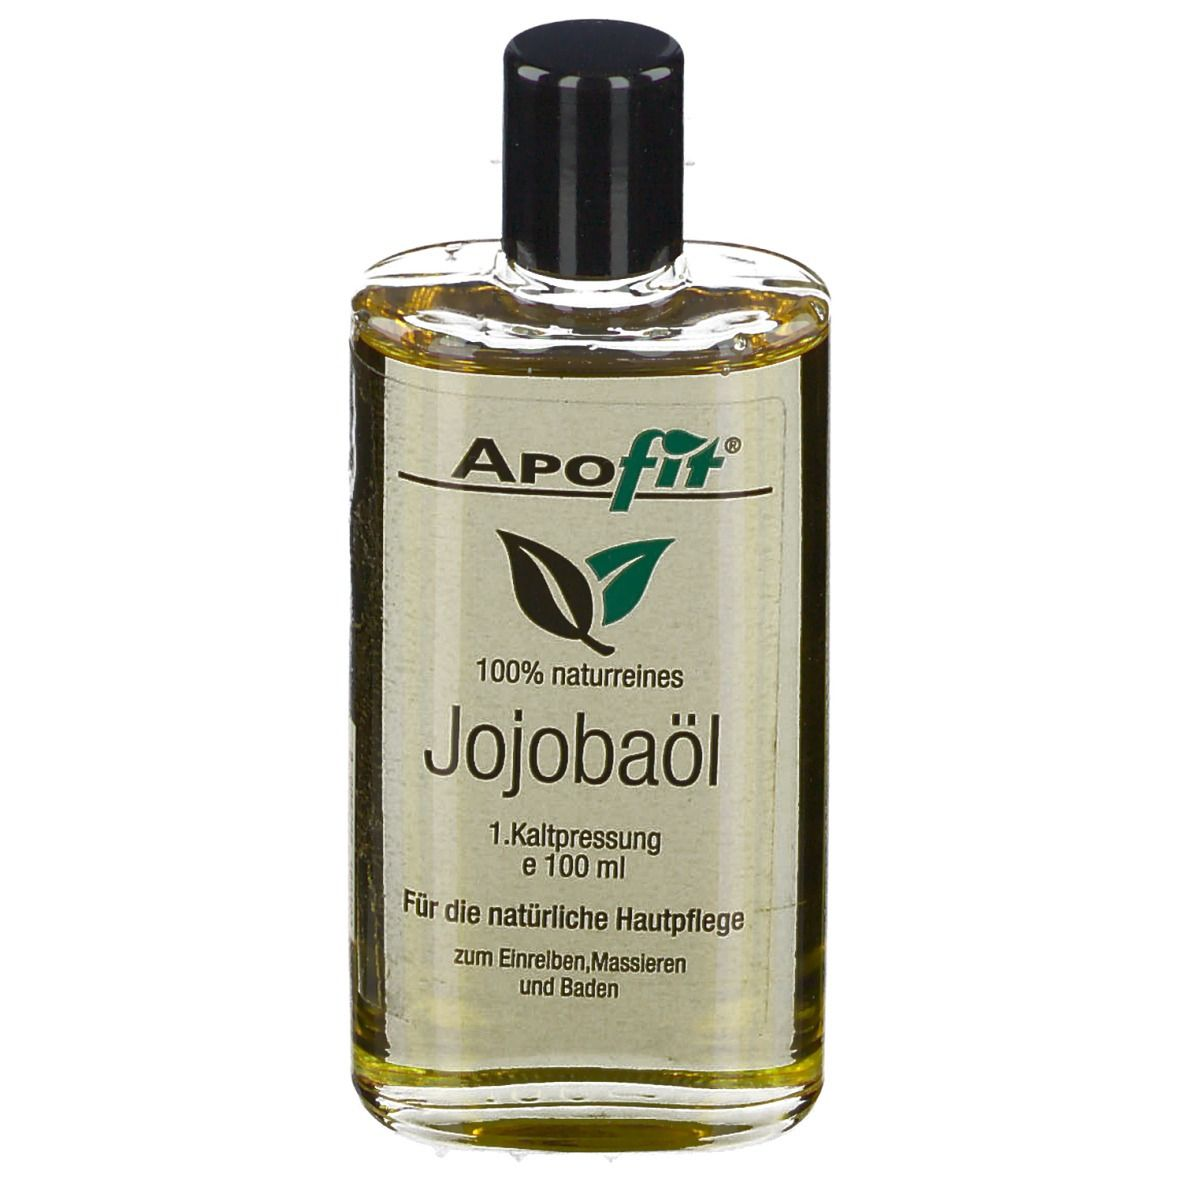 Image of Apofit® Jojobaöl